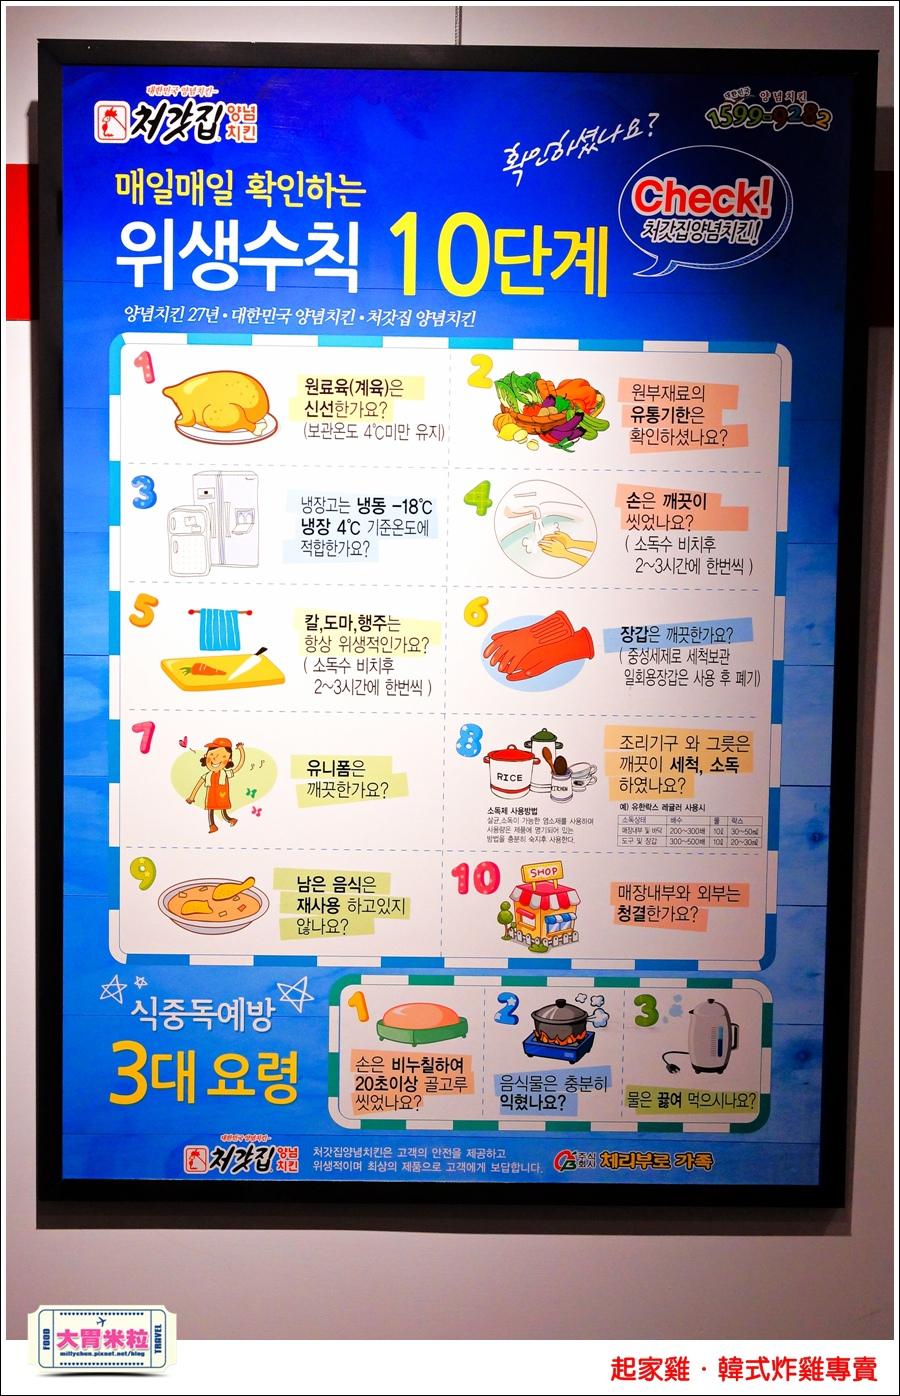 台北韓式炸雞推薦@起家雞Cheogajip哇樂炸雞@大胃米粒0018.jpg